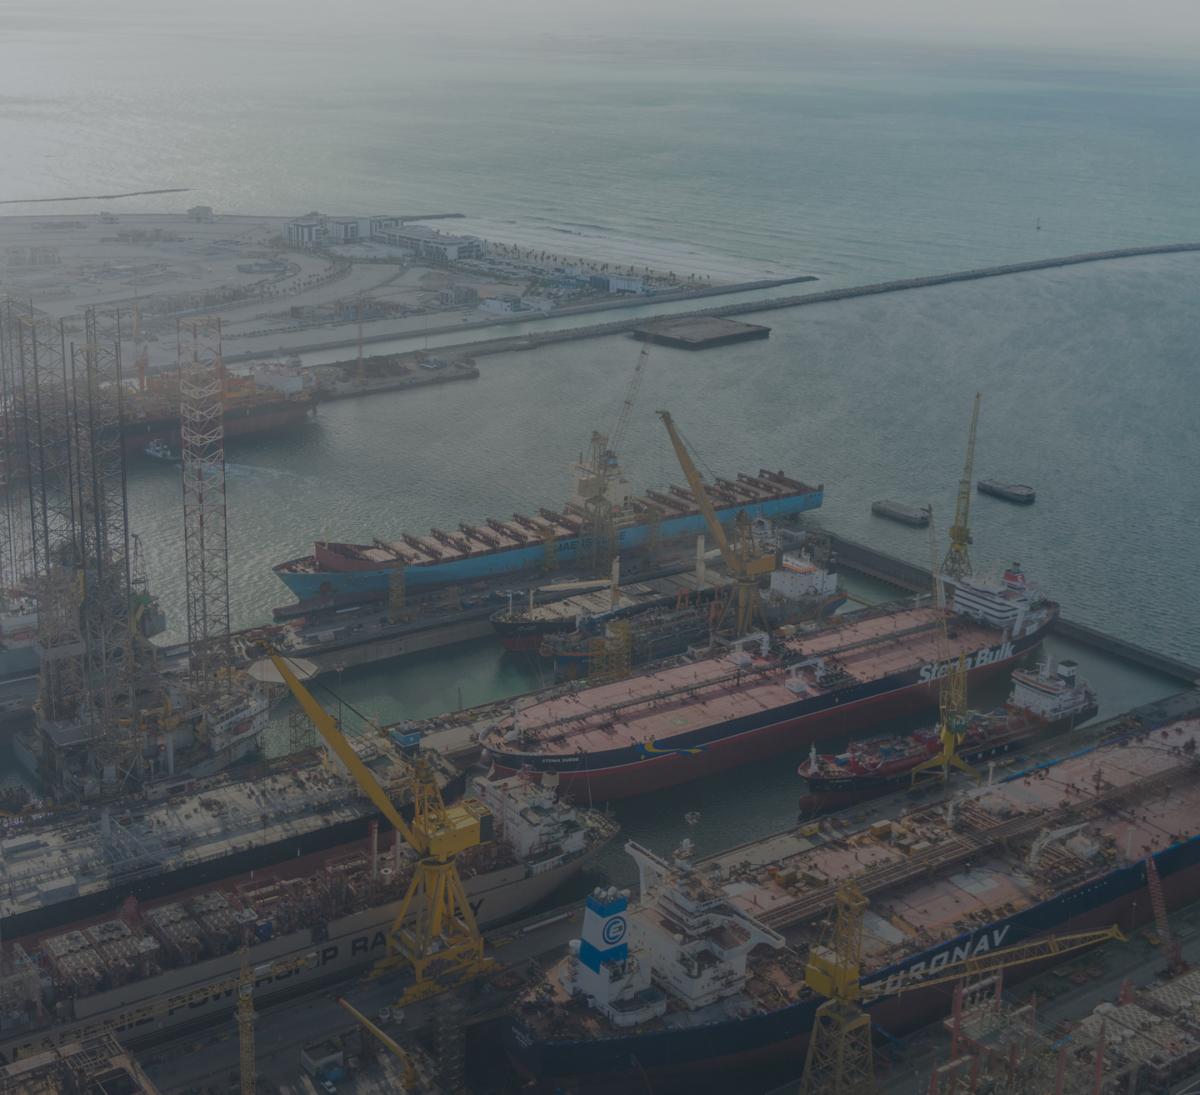 vue aérienne d'un port de transport maritime dans le moyen orient